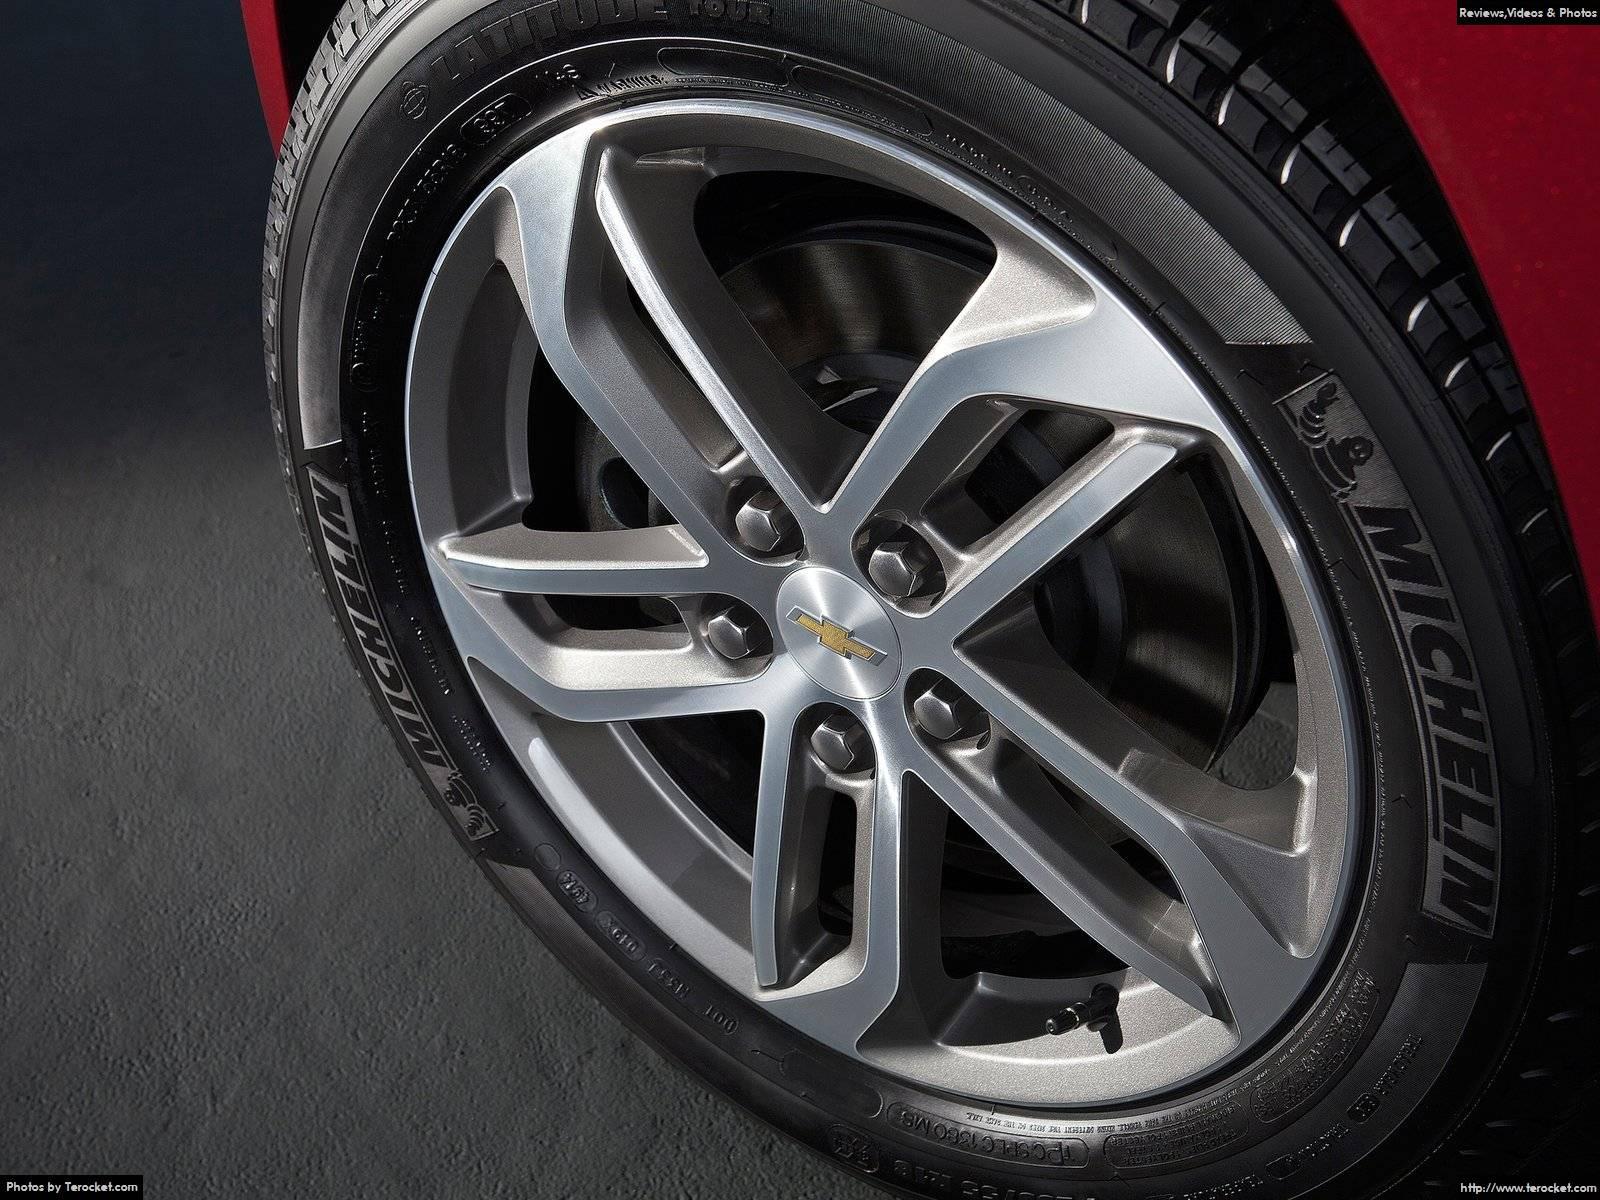 Hình ảnh xe ô tô Chevrolet Equinox 2016 & nội ngoại thất